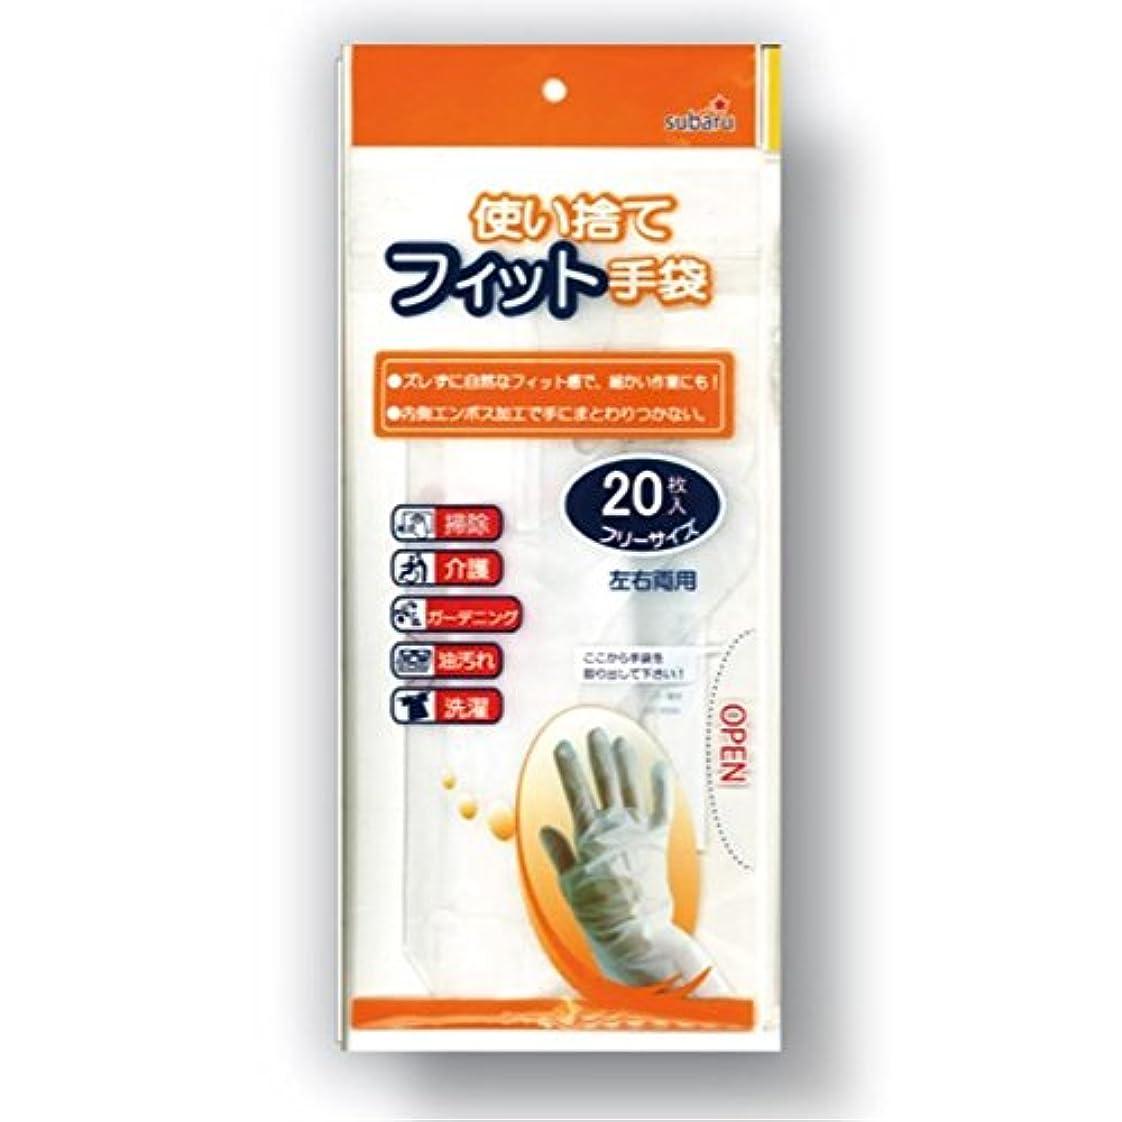 阻害するナーススラック使い捨てフィット手袋フリーサイズ20枚入[12個セット] 227-19